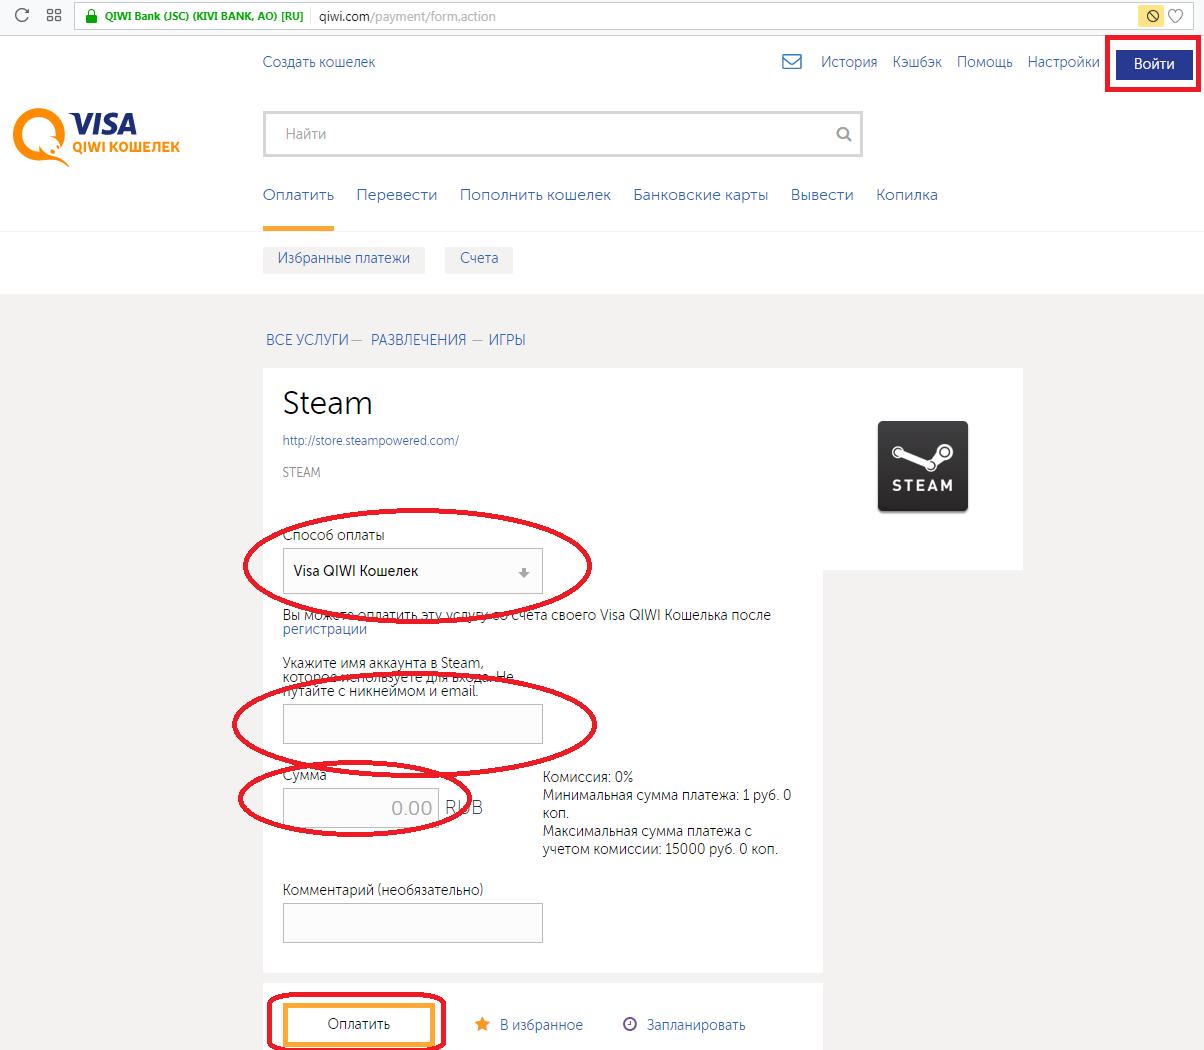 Оплата с помощью Visa QIWI Кошелька